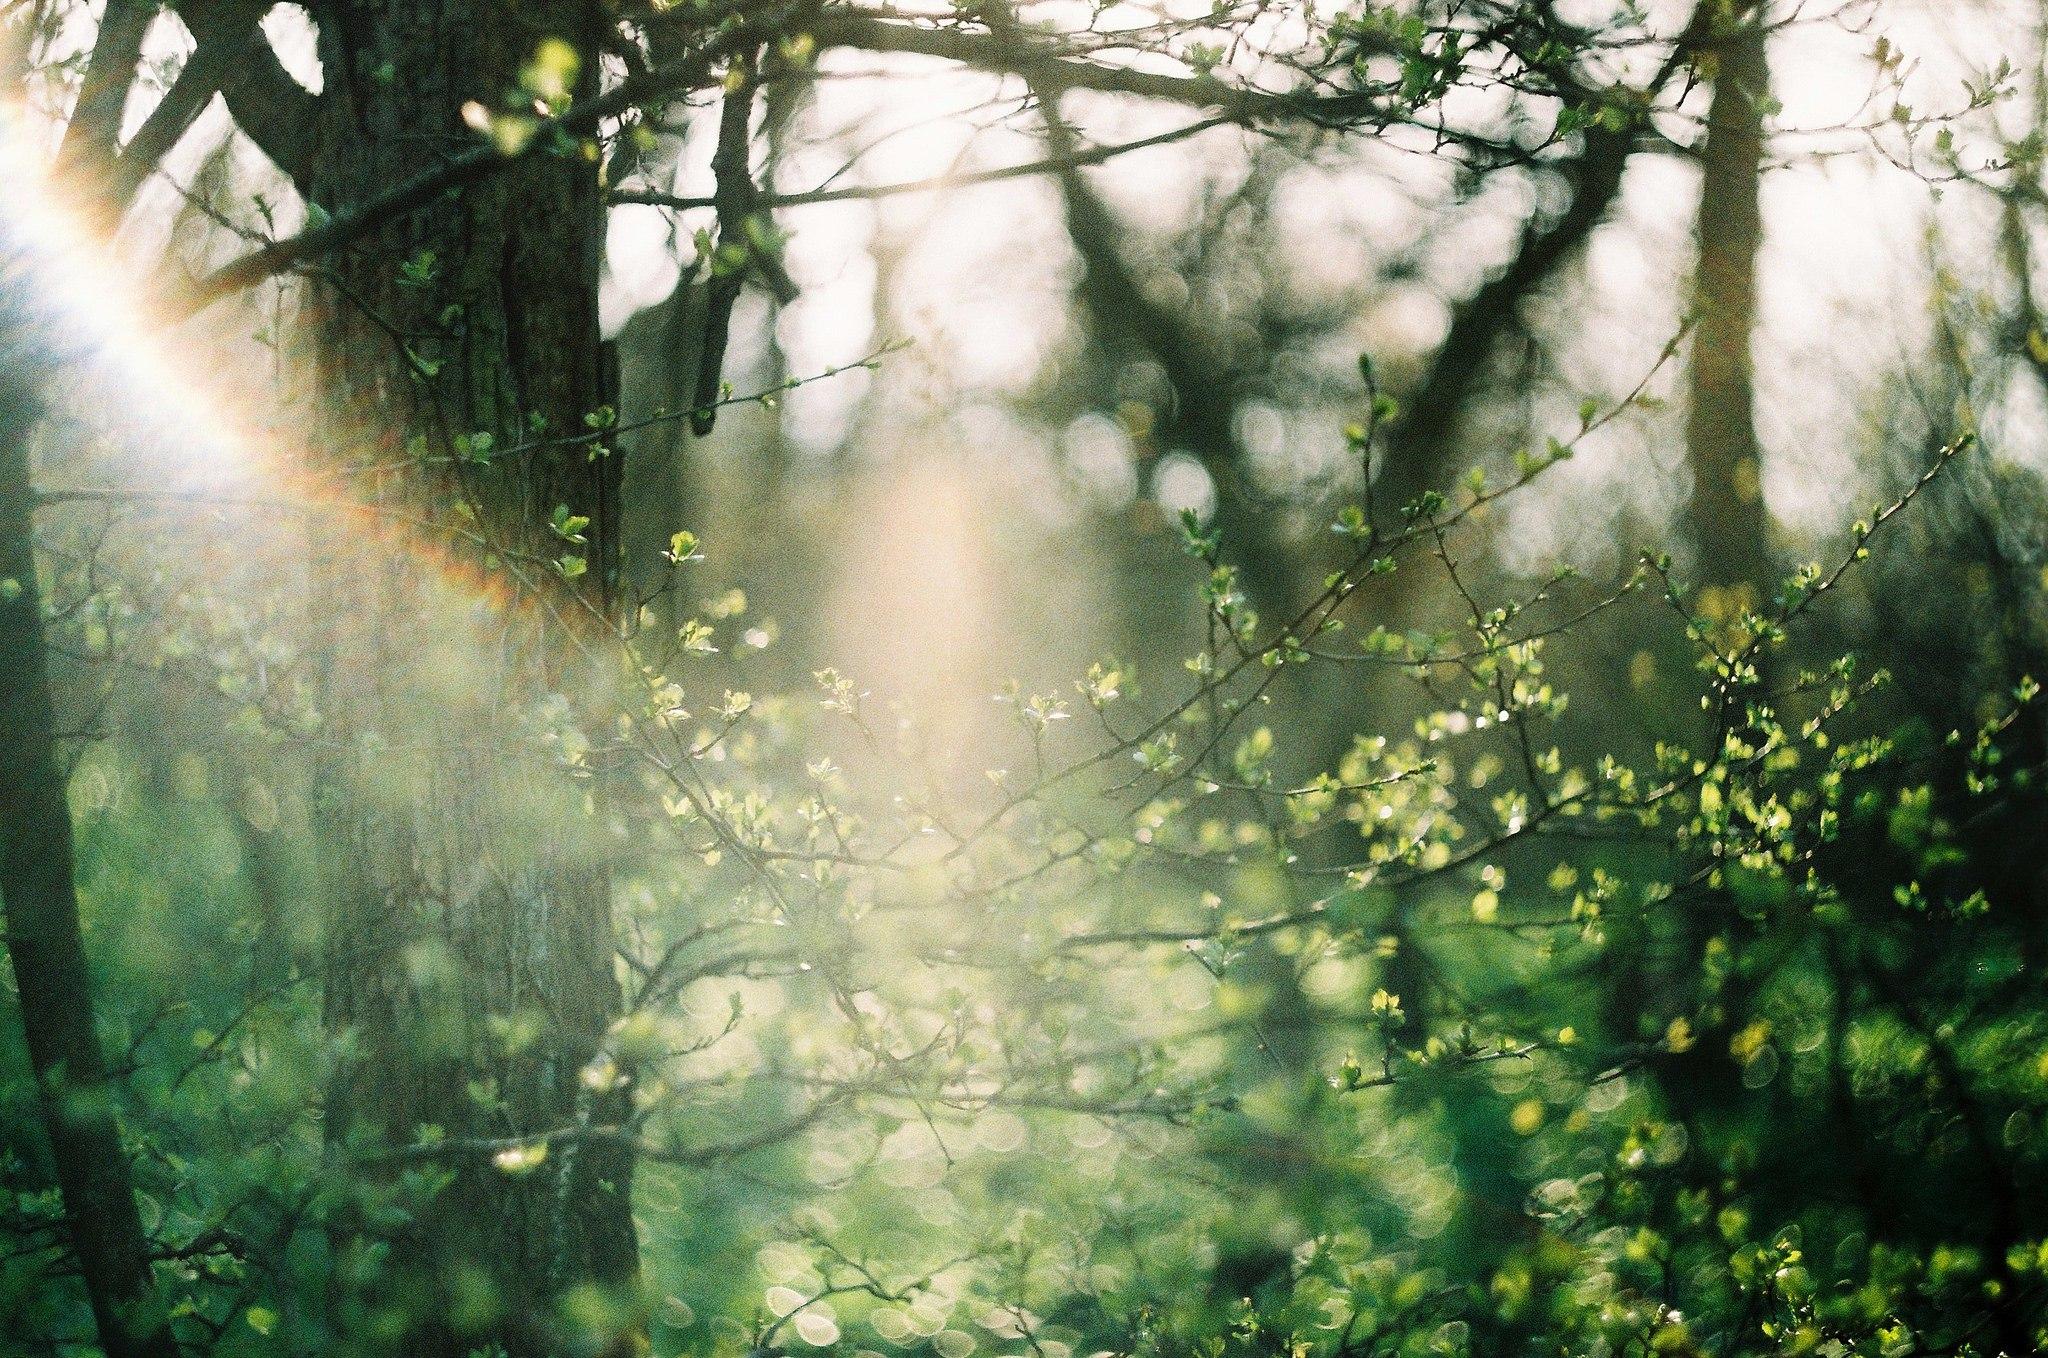 Фотографии от Erika Noskova